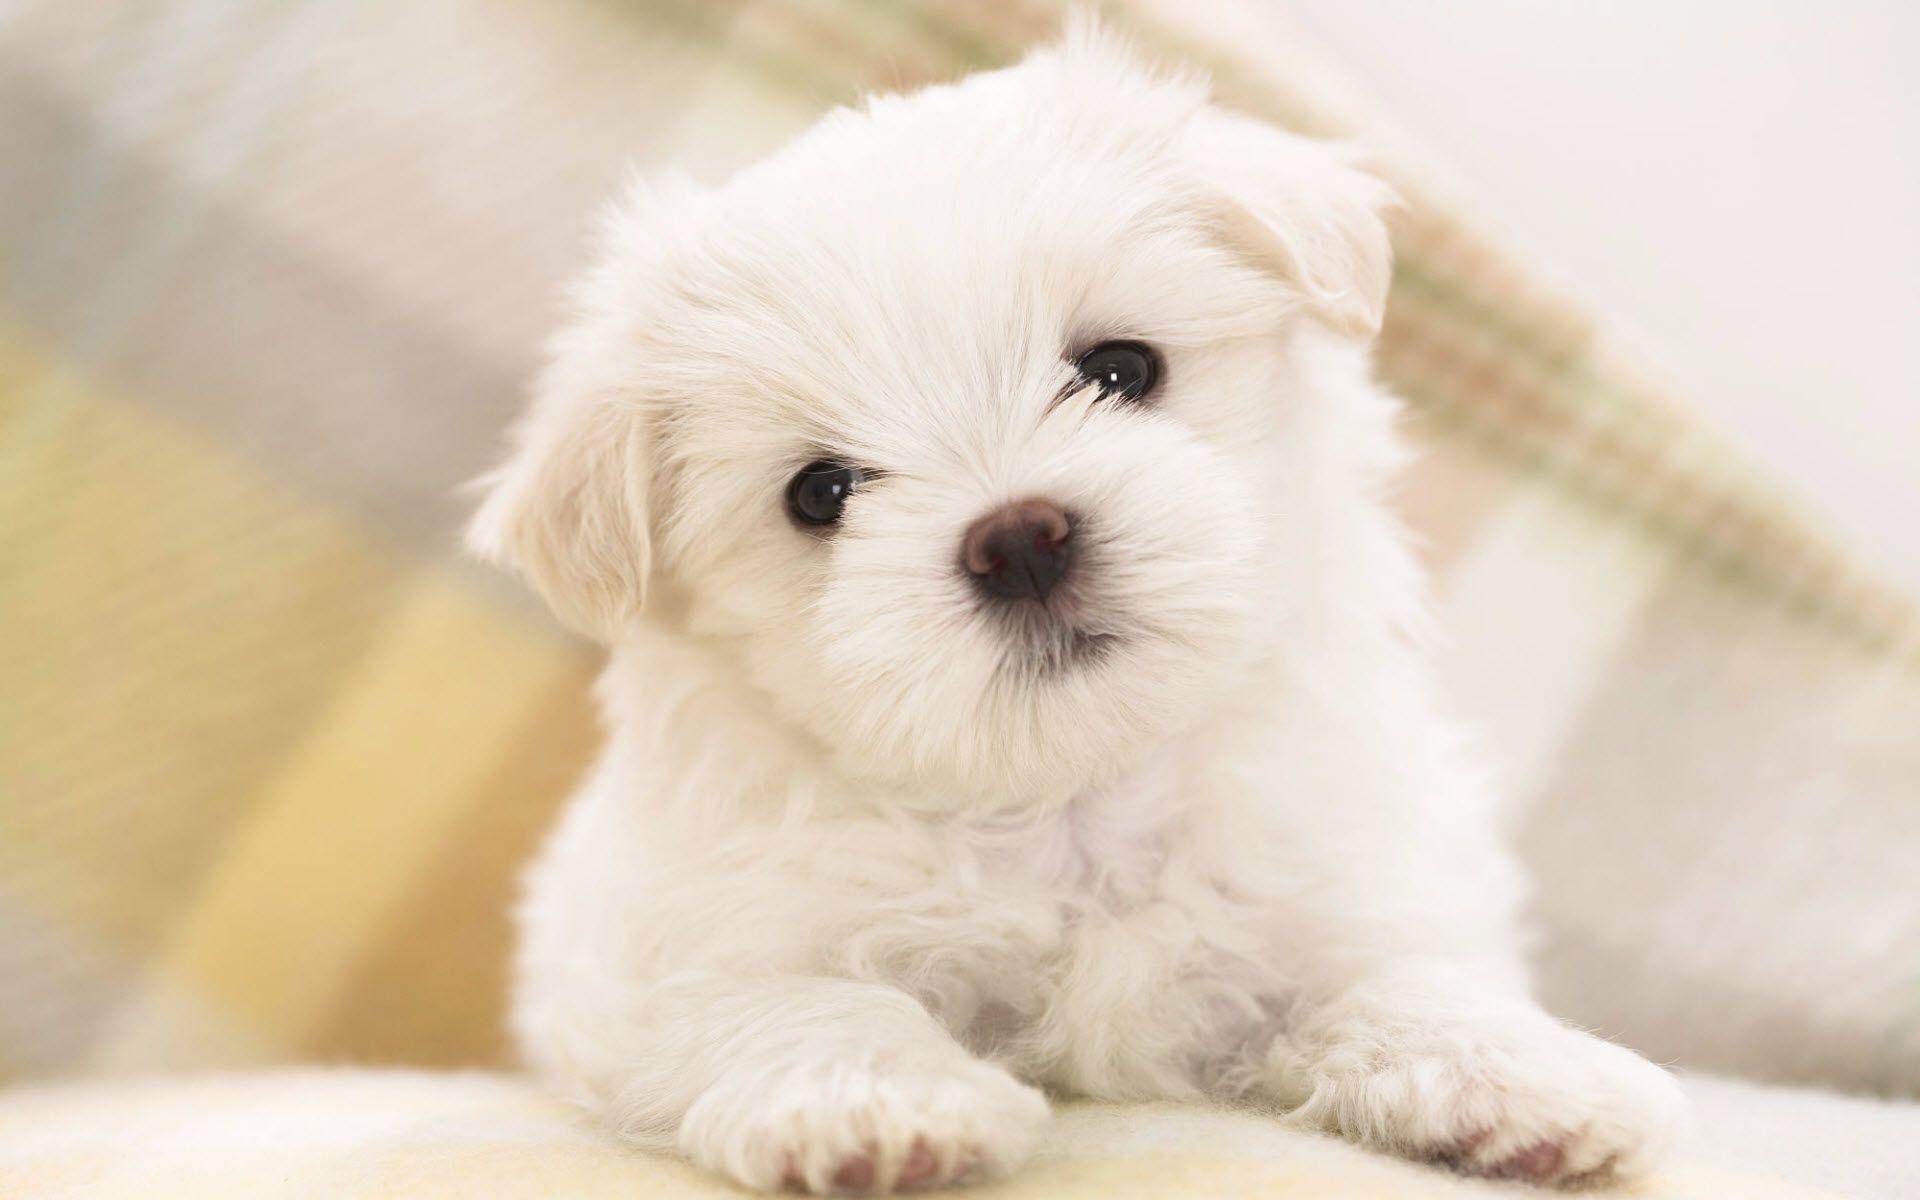 Non Sempre I Cani Di Piccola Taglia Sono I Più Facili Da Gestire